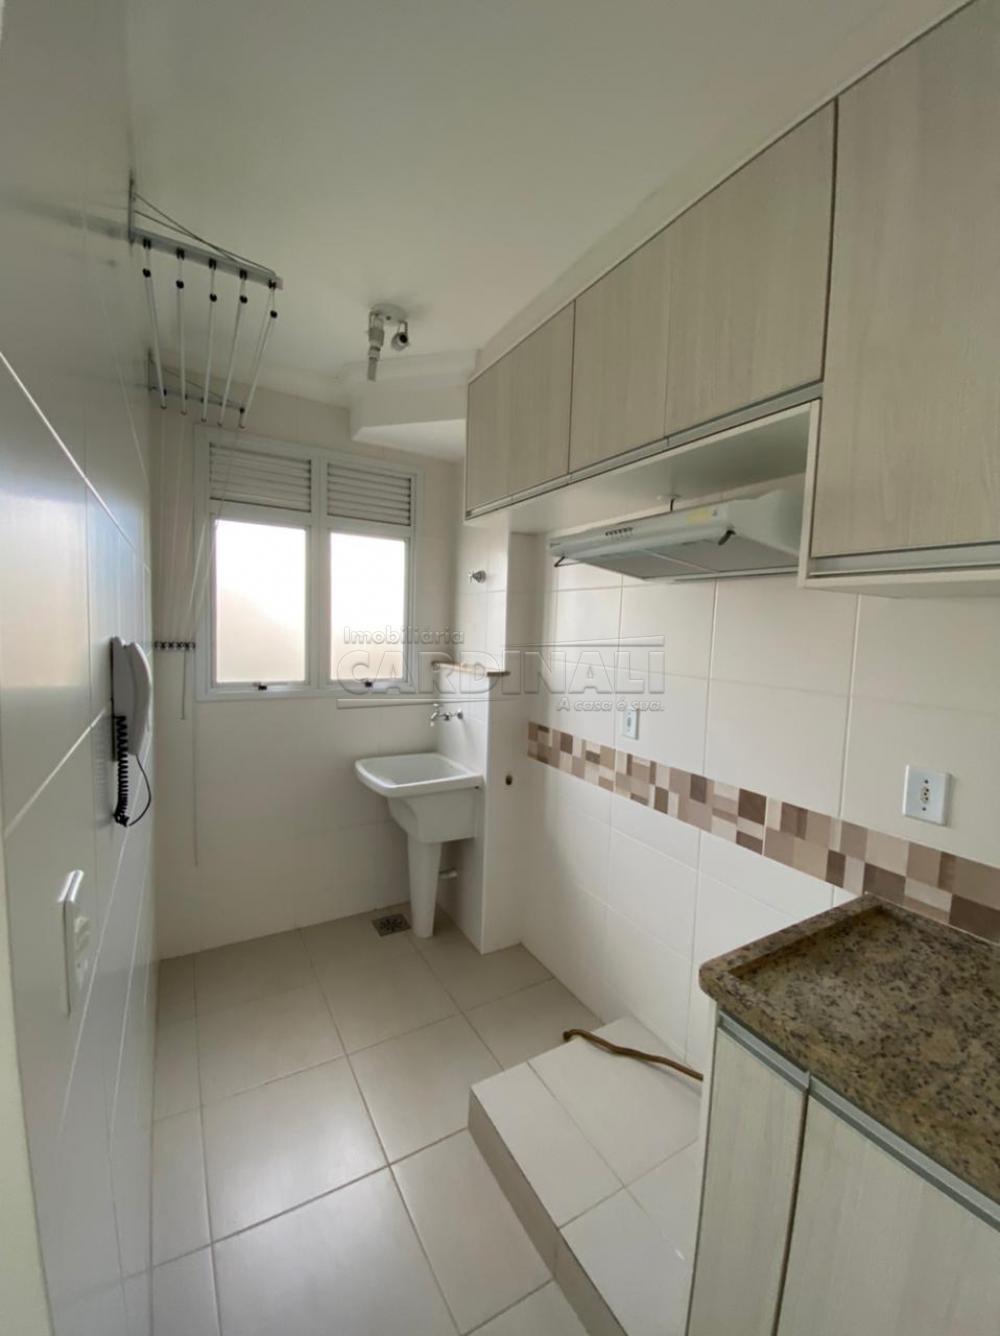 Alugar Apartamento / Padrão em São Carlos R$ 1.700,00 - Foto 5